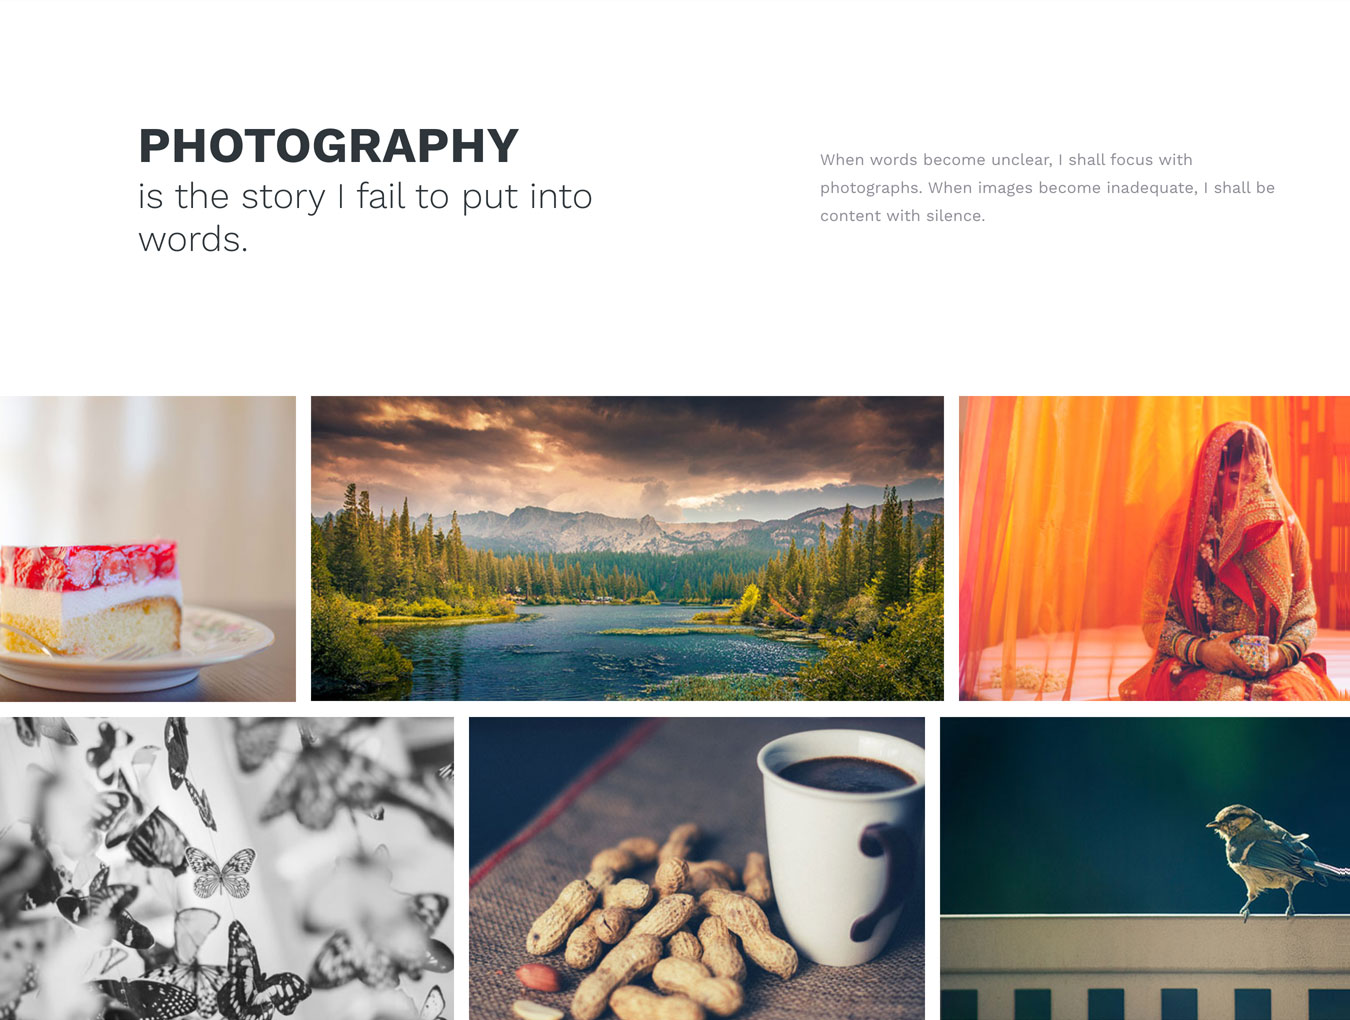 简约规整的WordPress主题摄影博客网站模板 PacificBlue Portfolio WP插图(3)